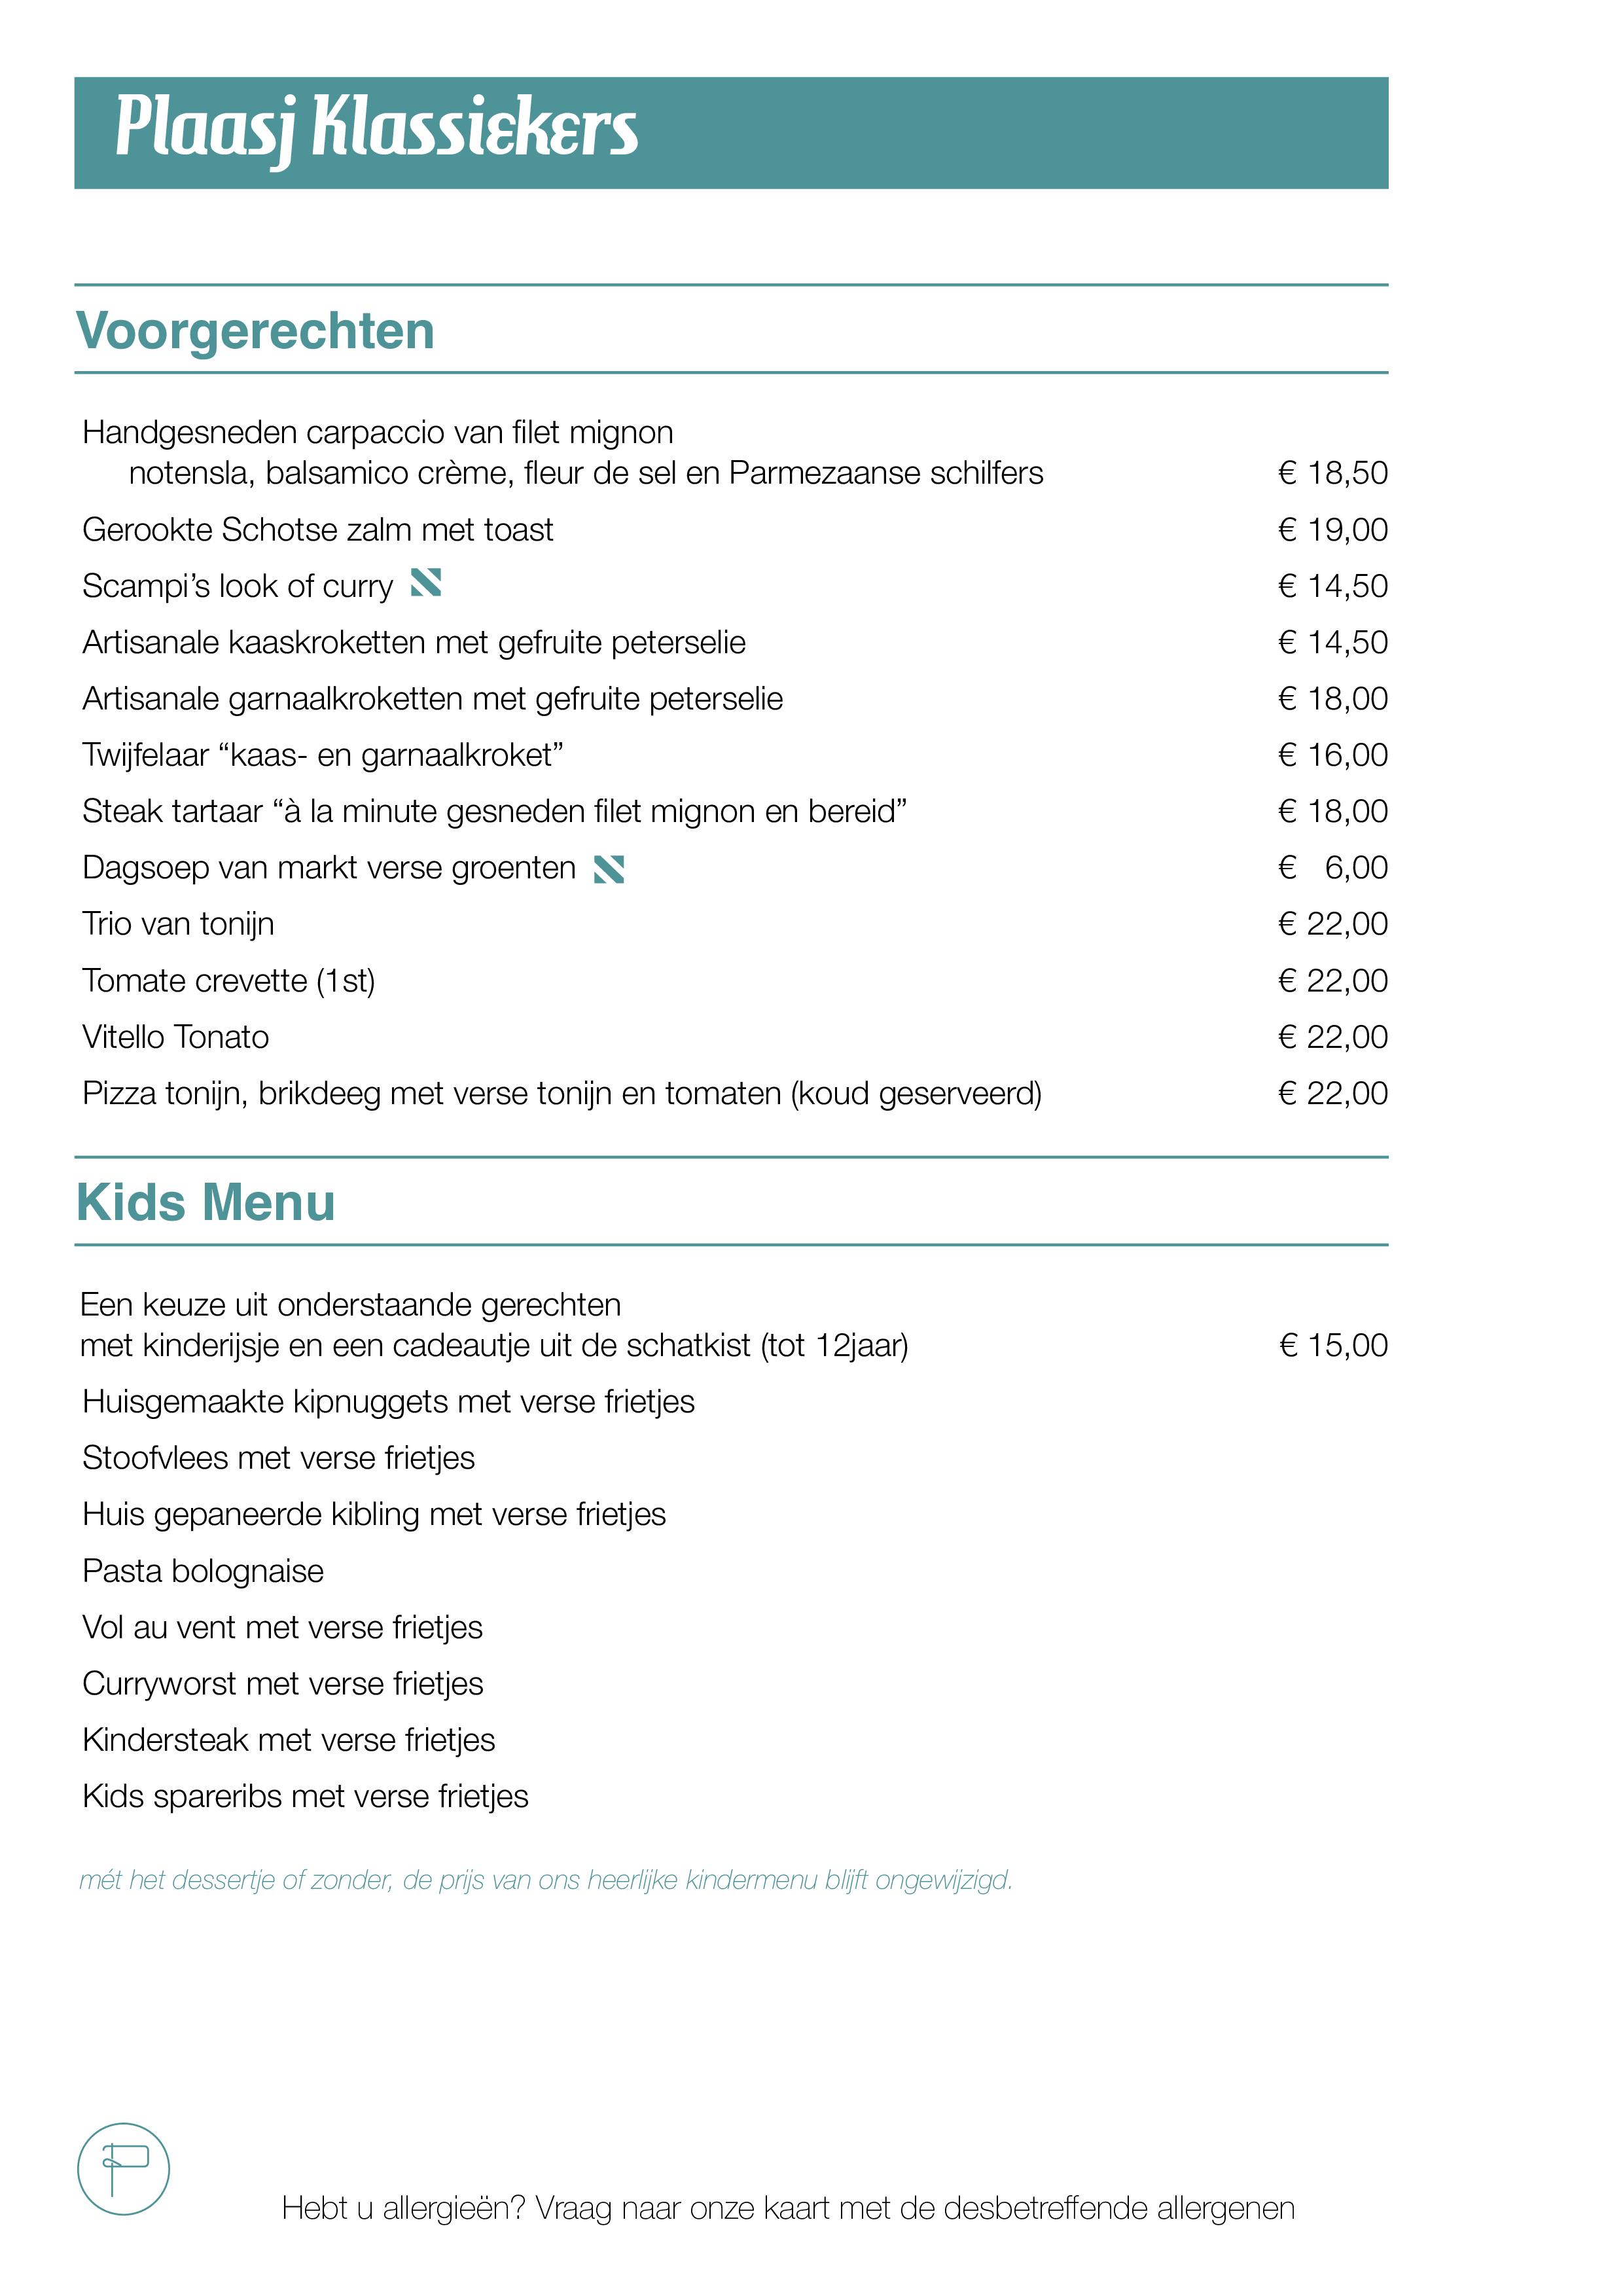 Plaasj food & drinks - Menu 2020 Zomersgenieten